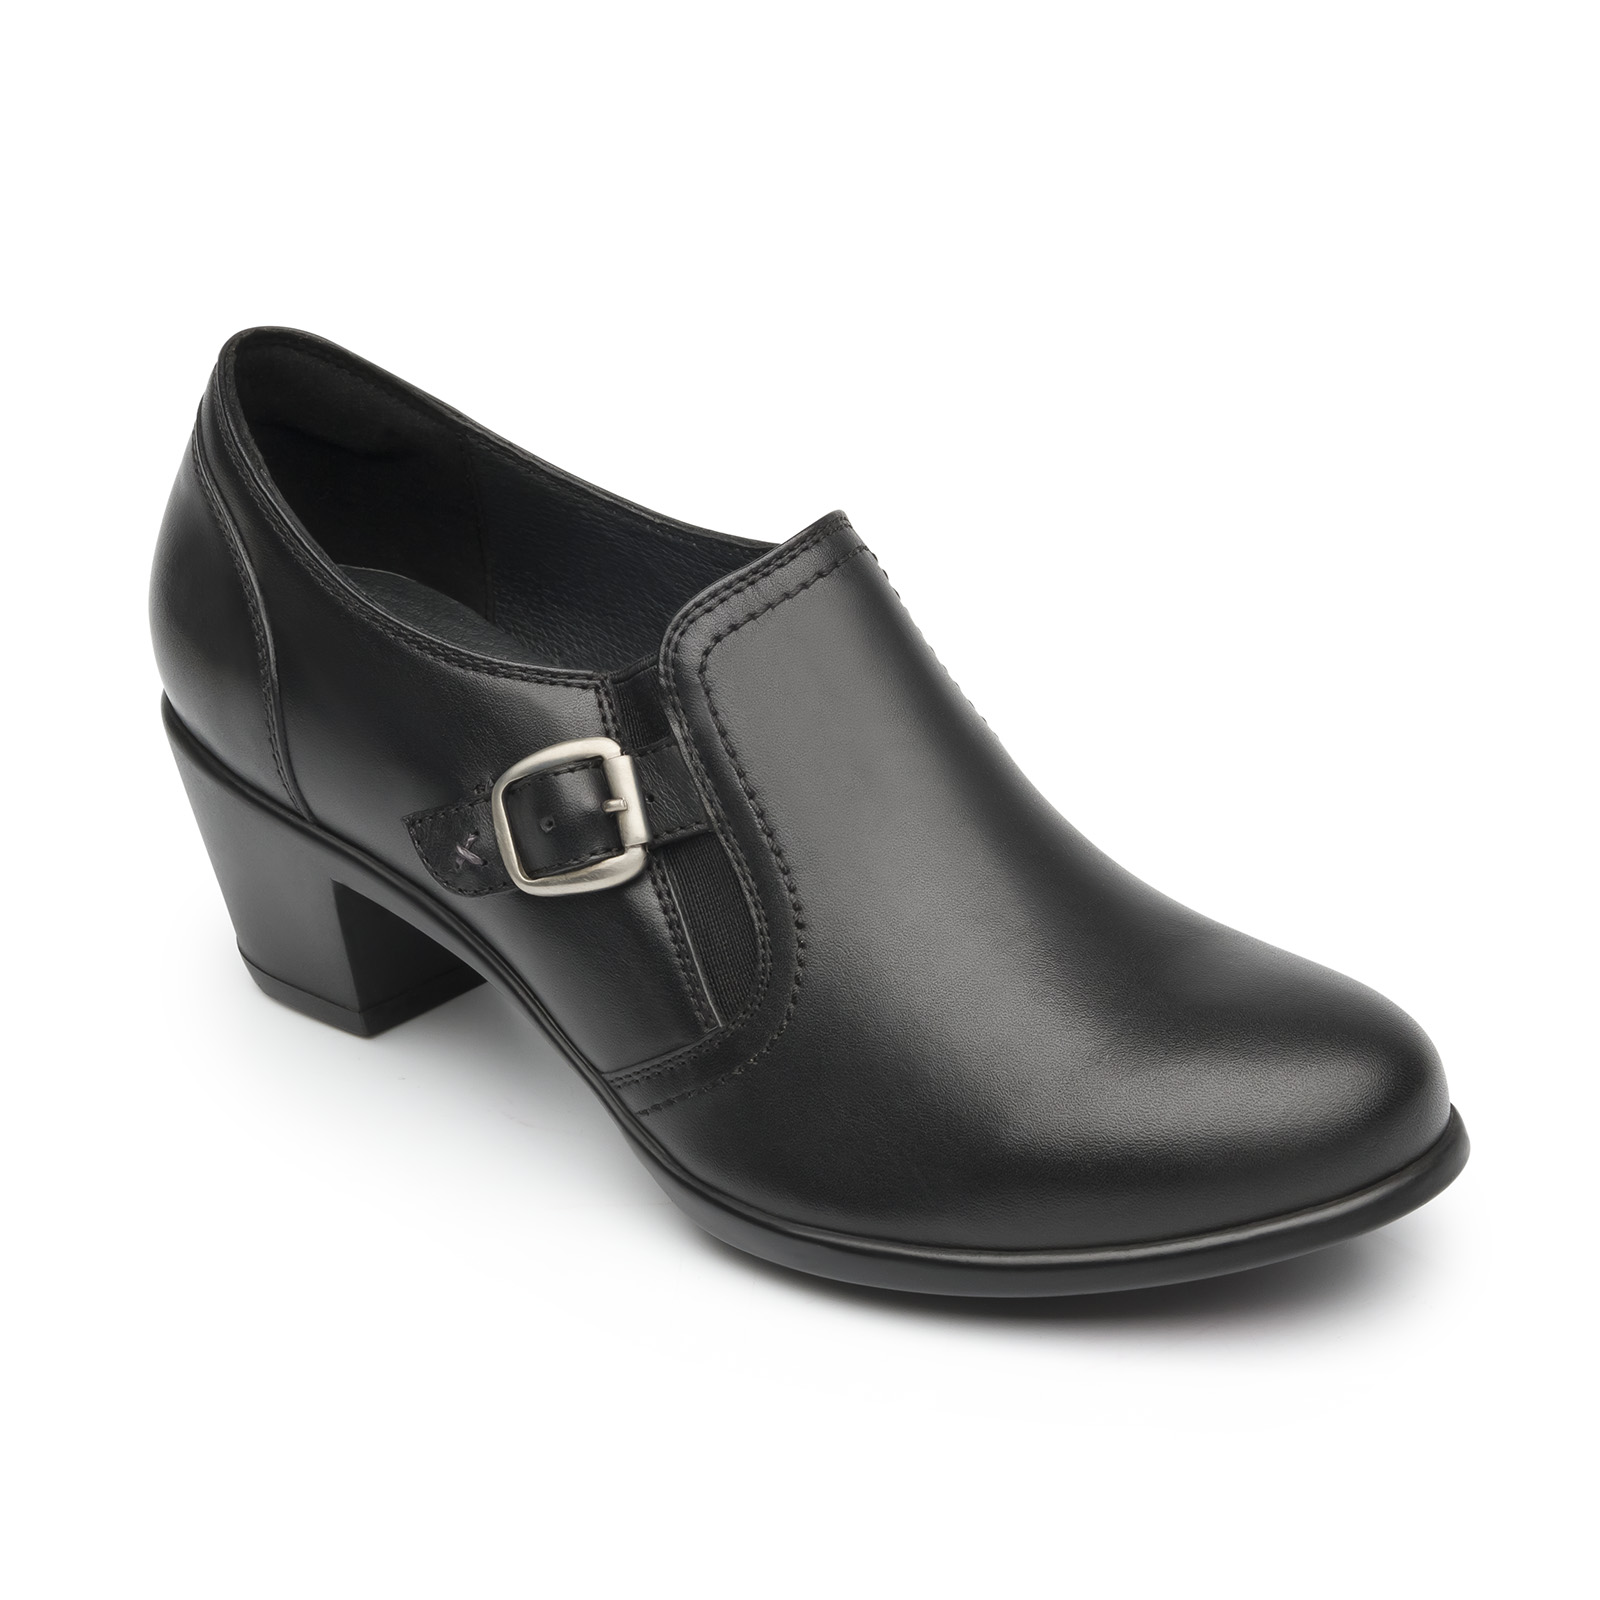 e53c5525f89 Zapatos Confort para Dama al mejor precio - Zapaterías Flexi México